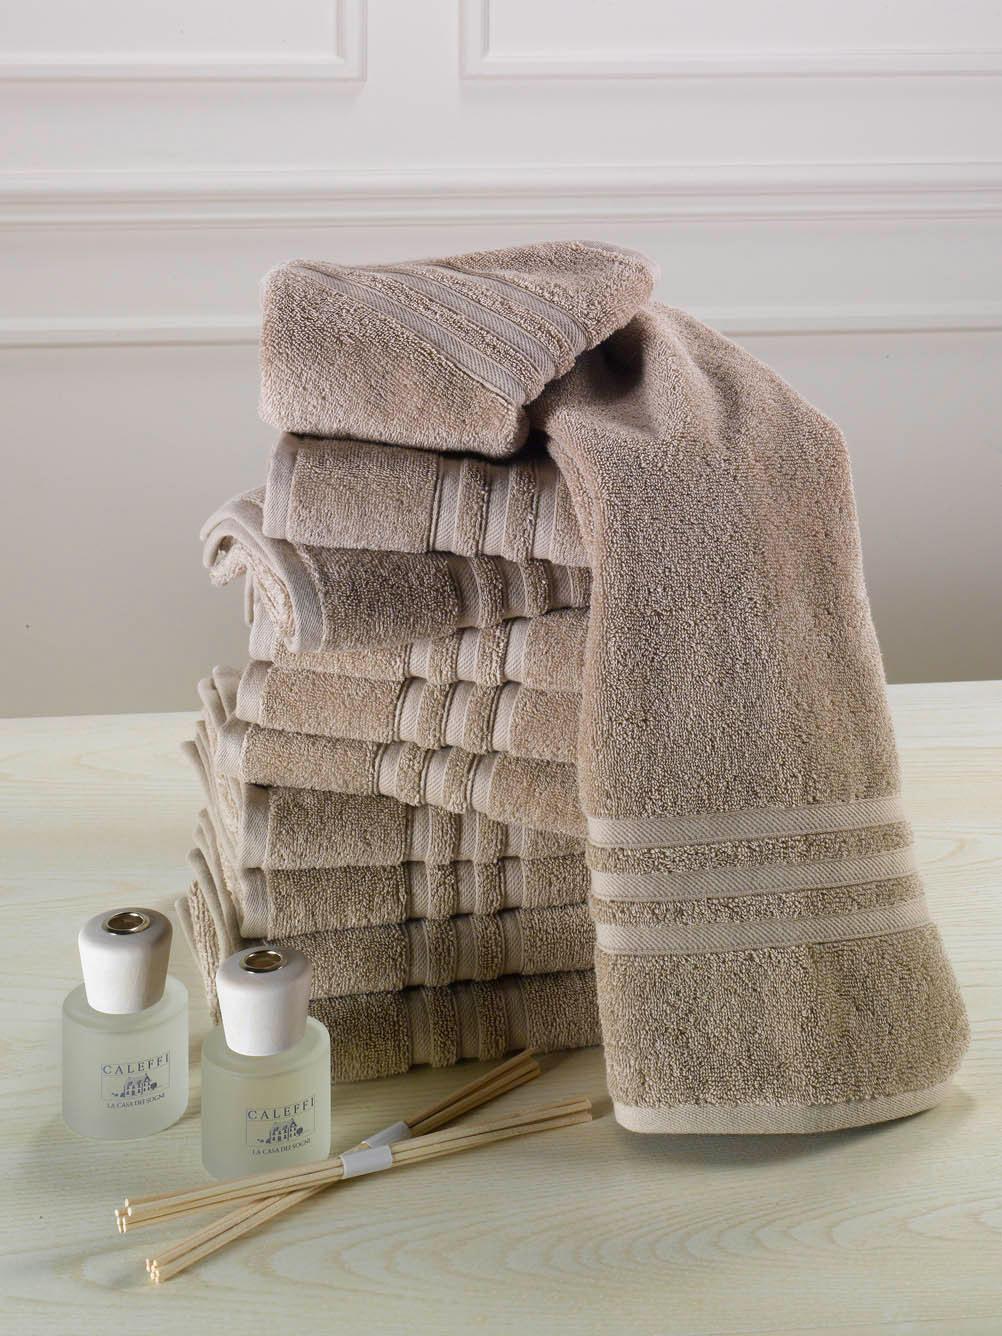 Asciugamani Per Il Bagno.Come Scegliere Gli Asciugamani Per Il Bagno Ideagroup Blog